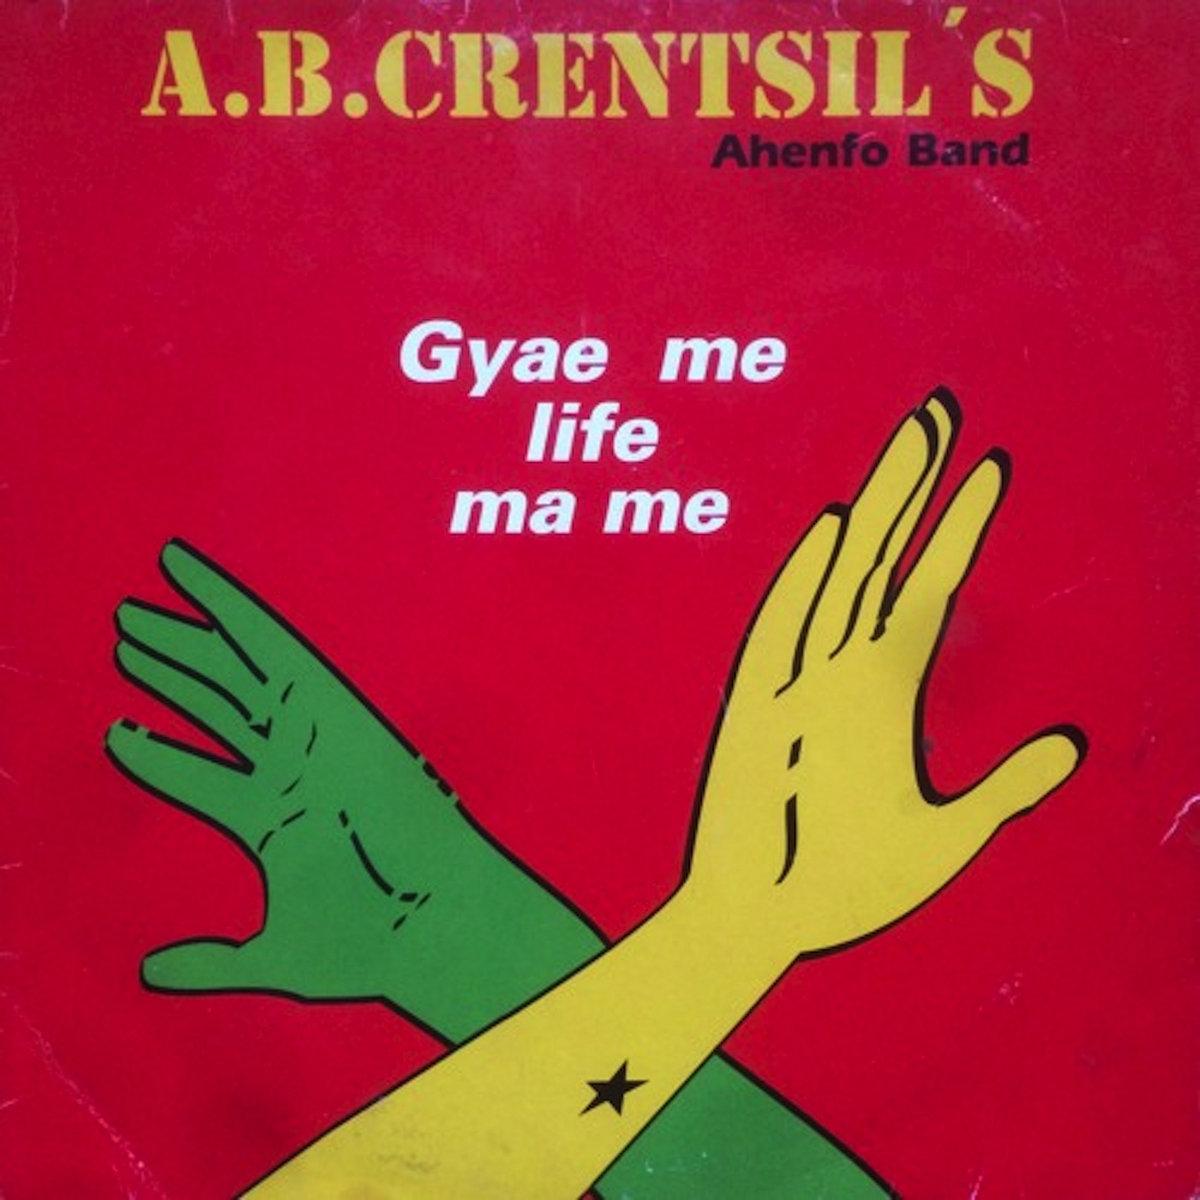 A B  Creantsils Ahenfo Band - Sika Be Ba (Iro Aka's Loving Edit